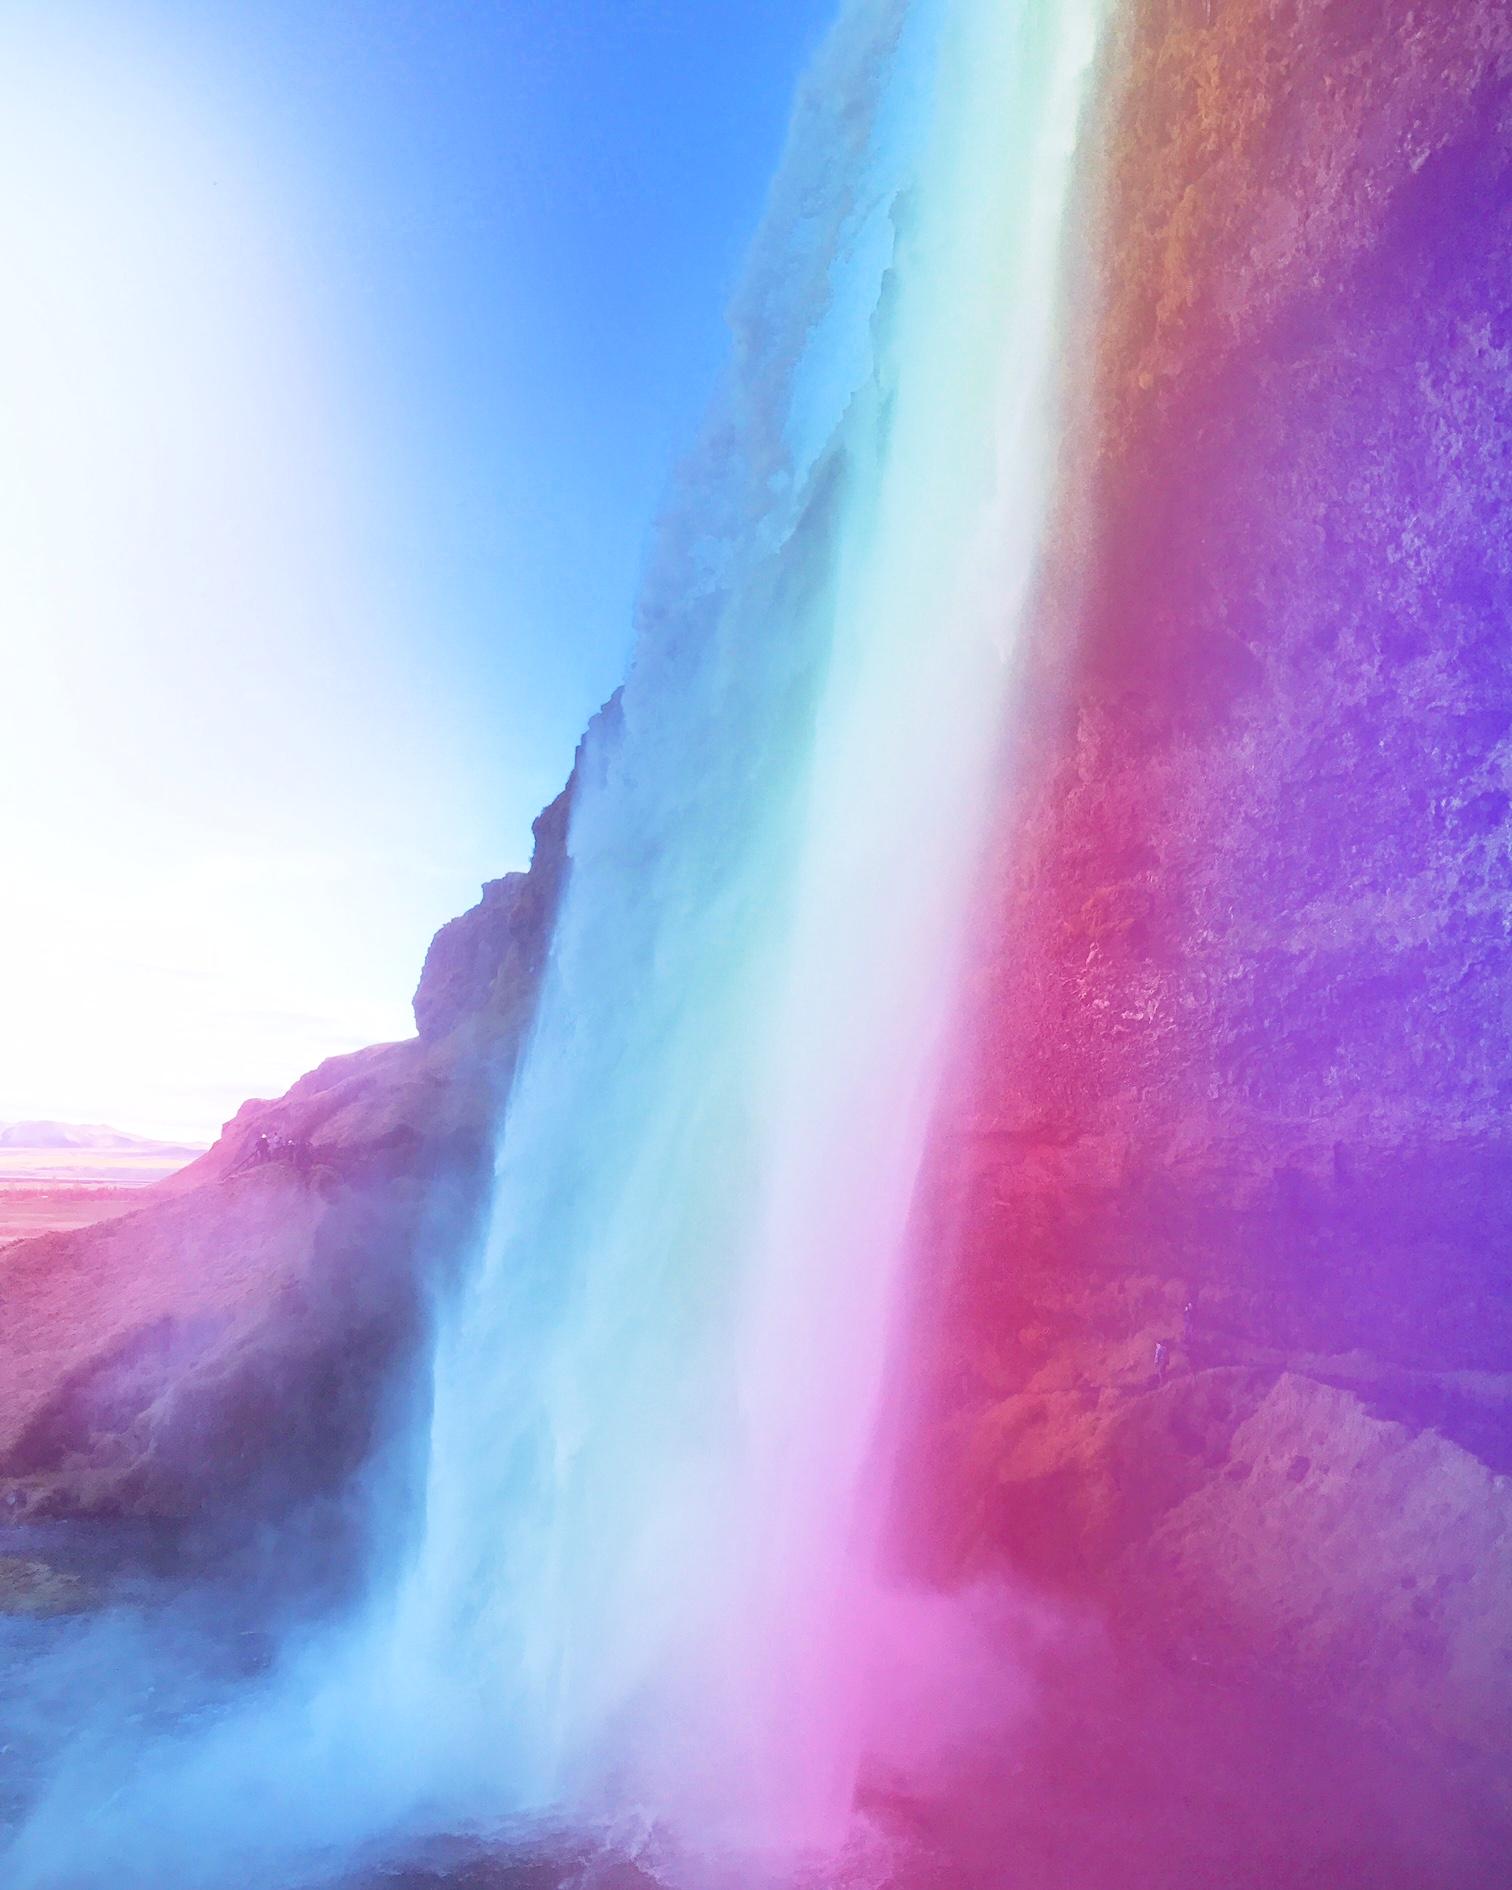 Seljalandfoss Waterfall, Southern Iceland